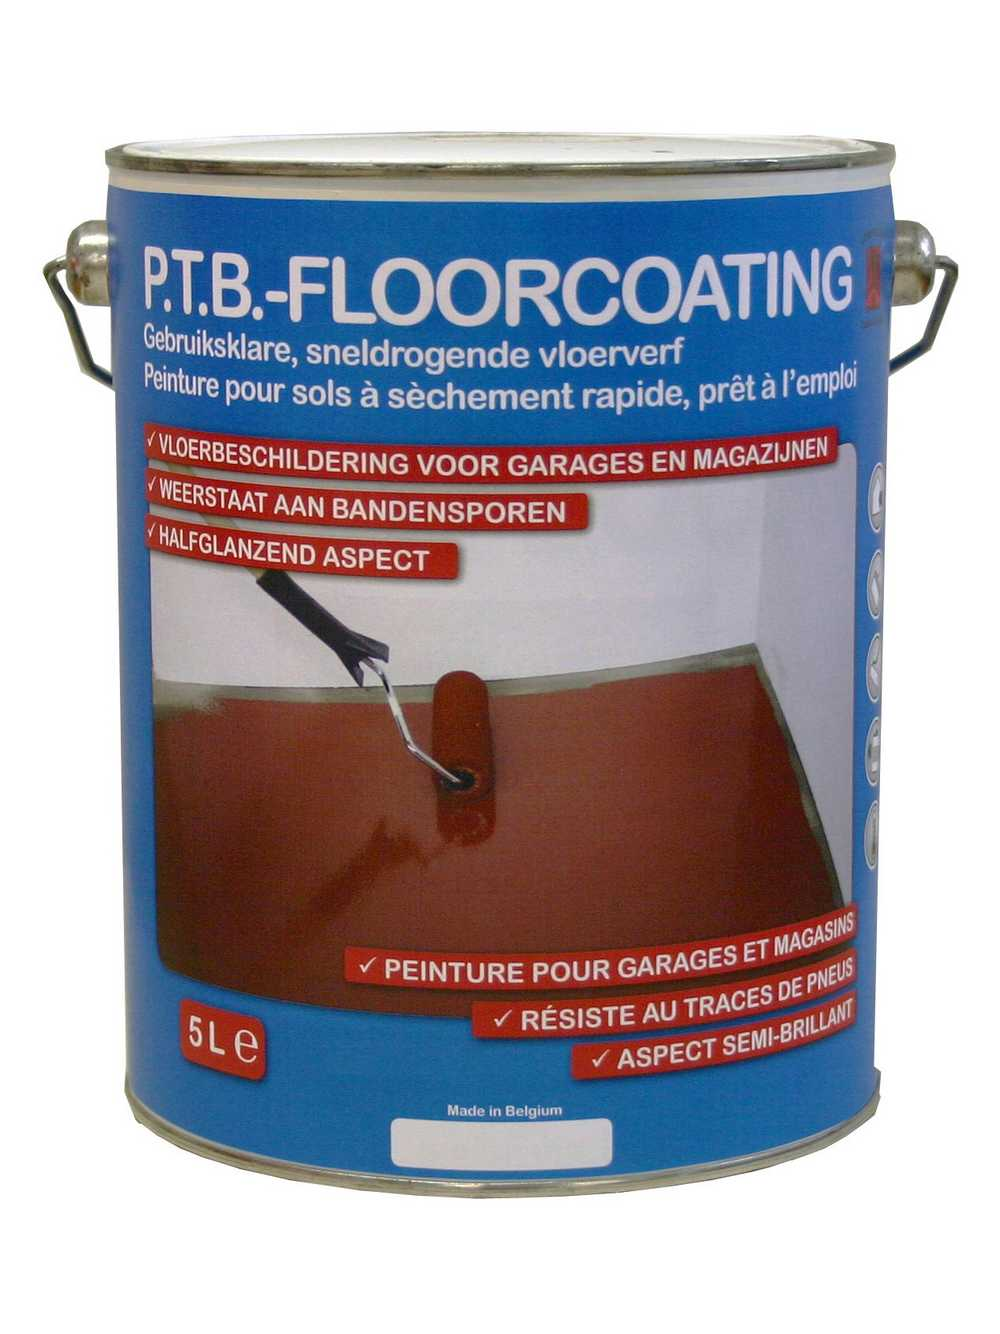 Kit P.t.b.-floorcoating -- Rood